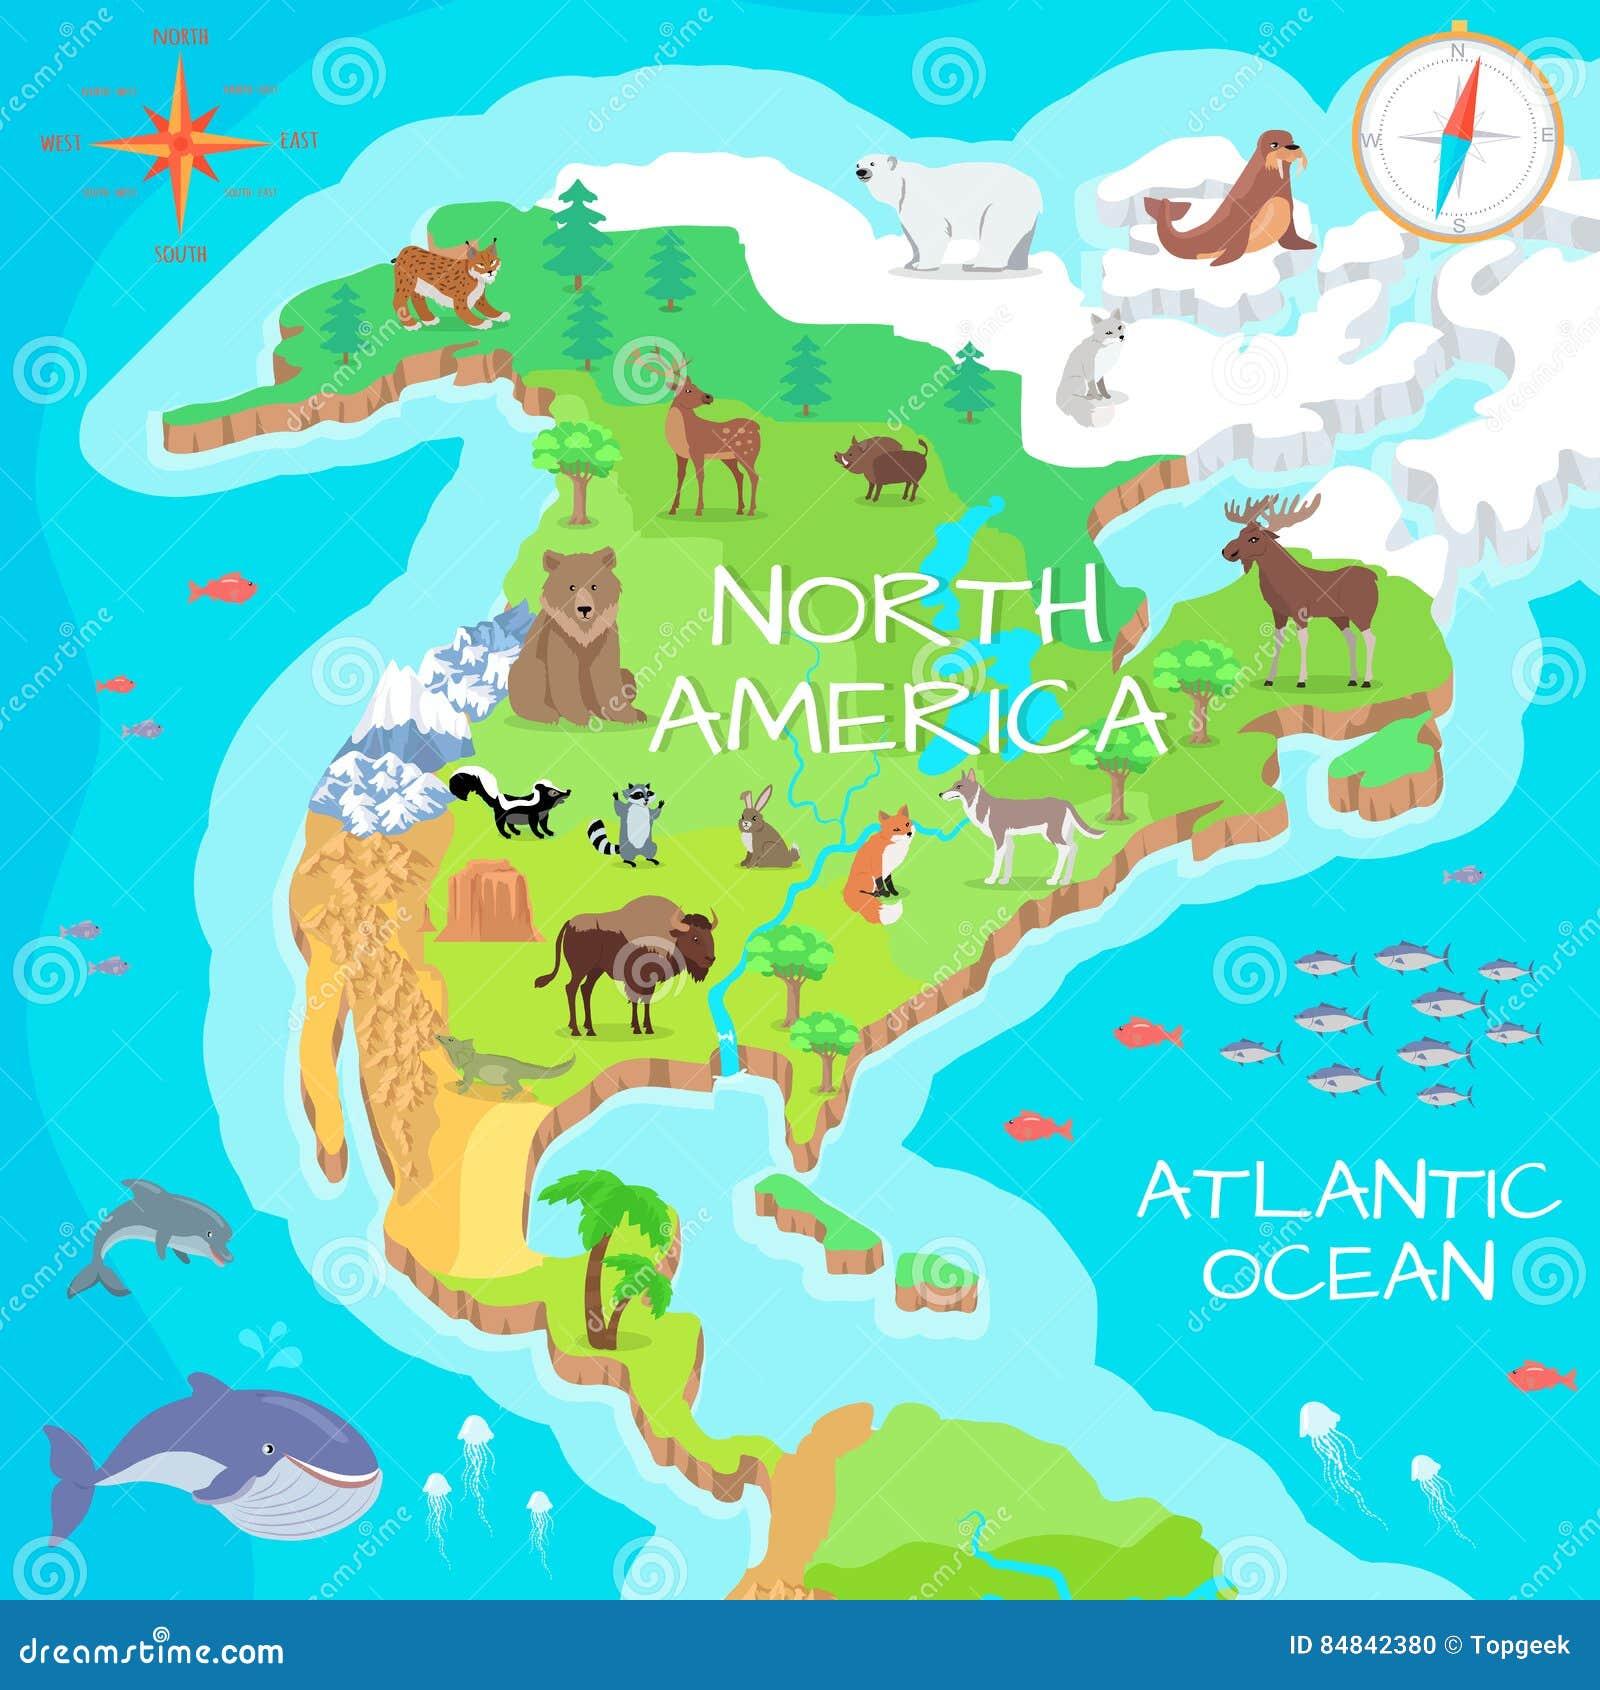 Karte Nordamerikas.Isometrische Karte Nordamerikas Mit Flora Und Fauna Vektor Abbildung